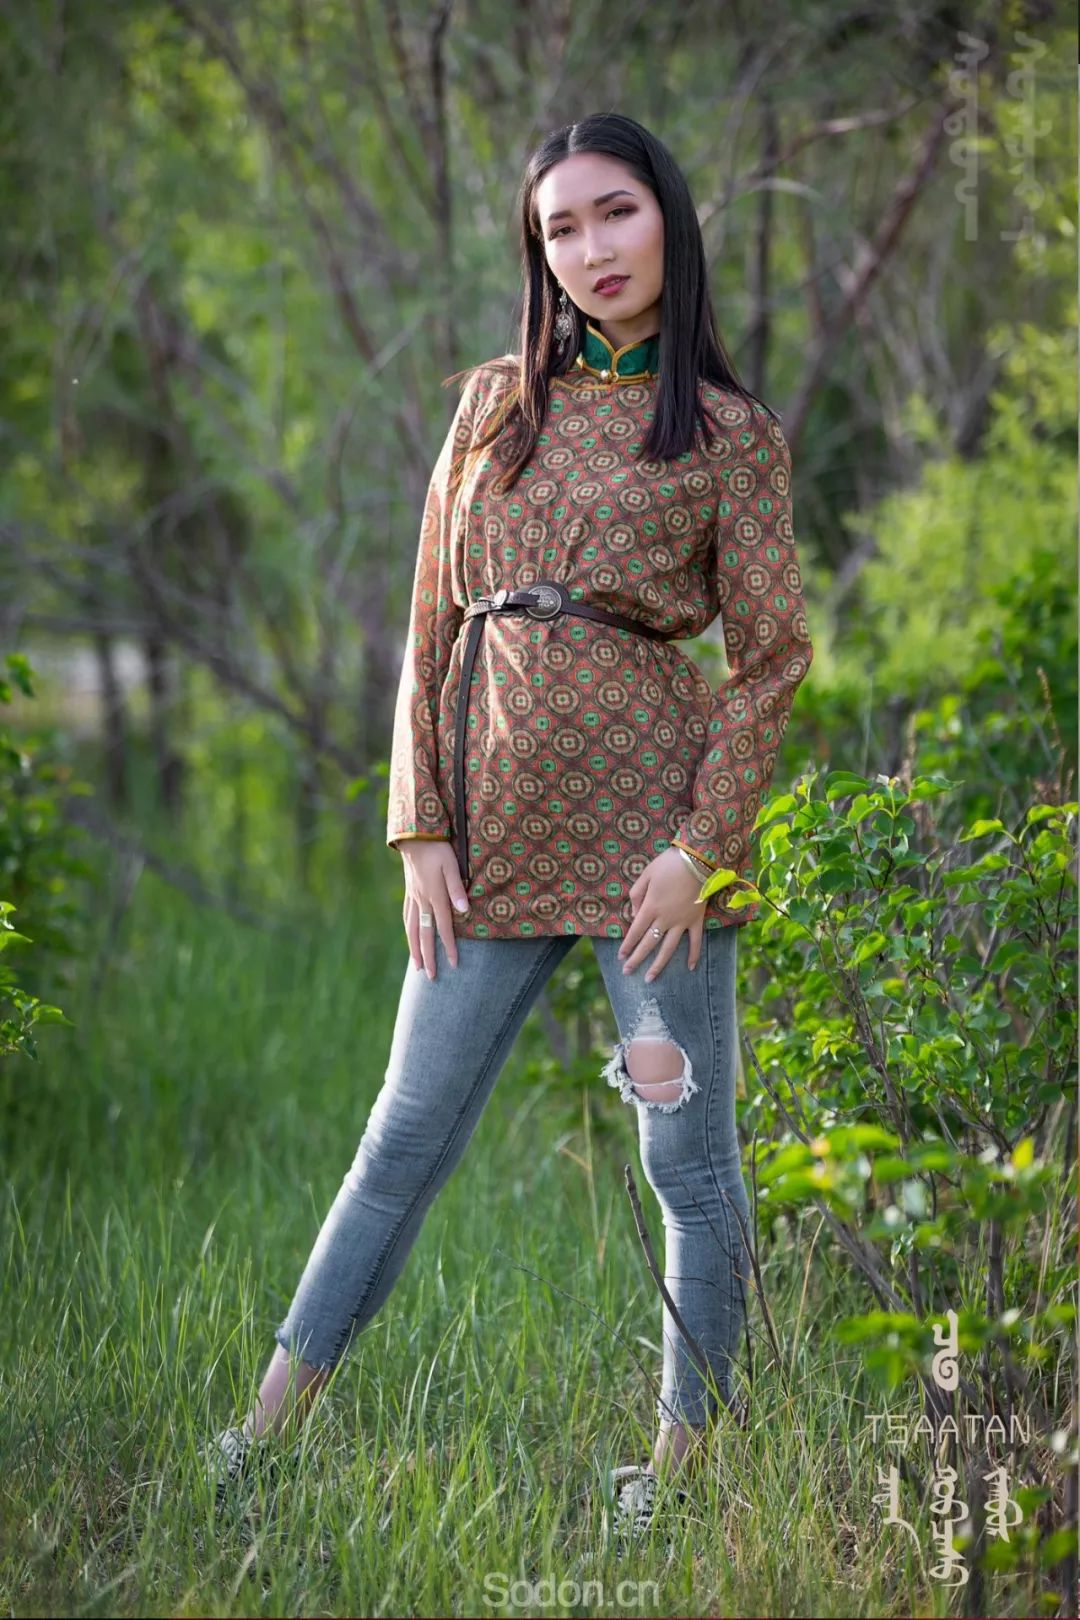 TSAATAN蒙古时装 2019新款,来自驯鹿人的独特魅力! 第17张